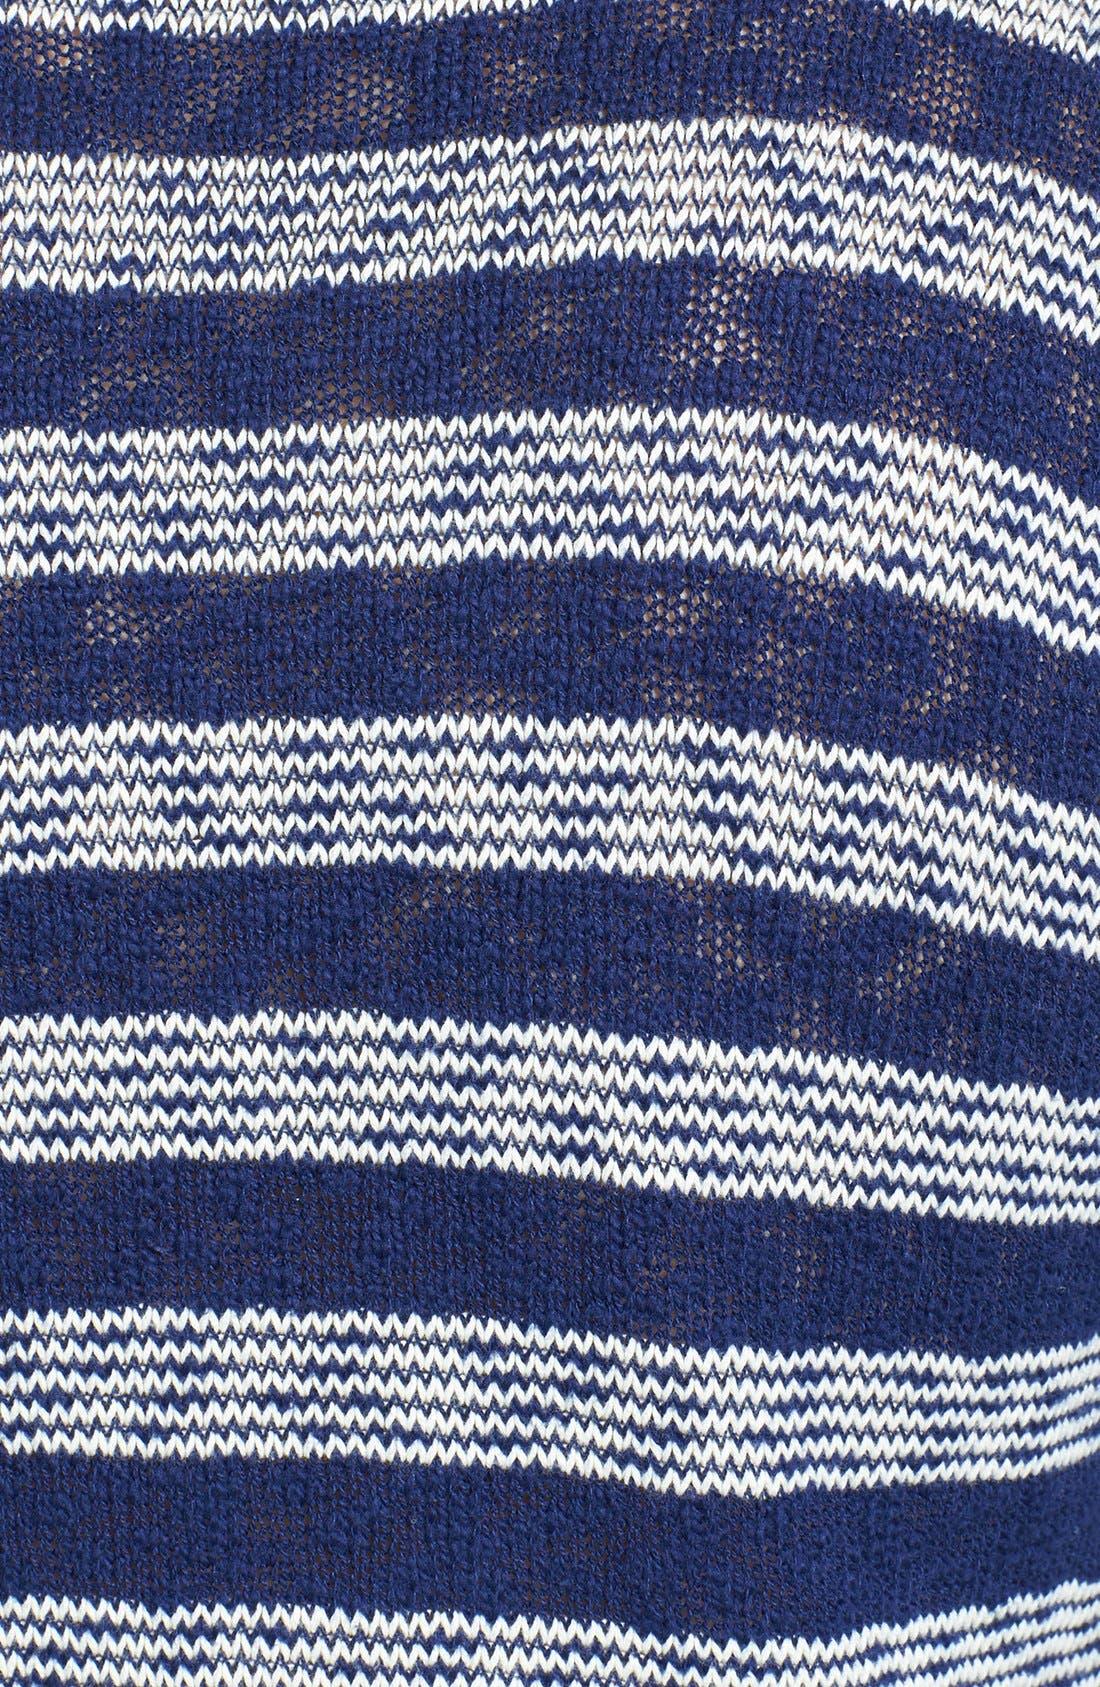 Alternate Image 3  - Gant Rugger 'The Slubber' Sweater